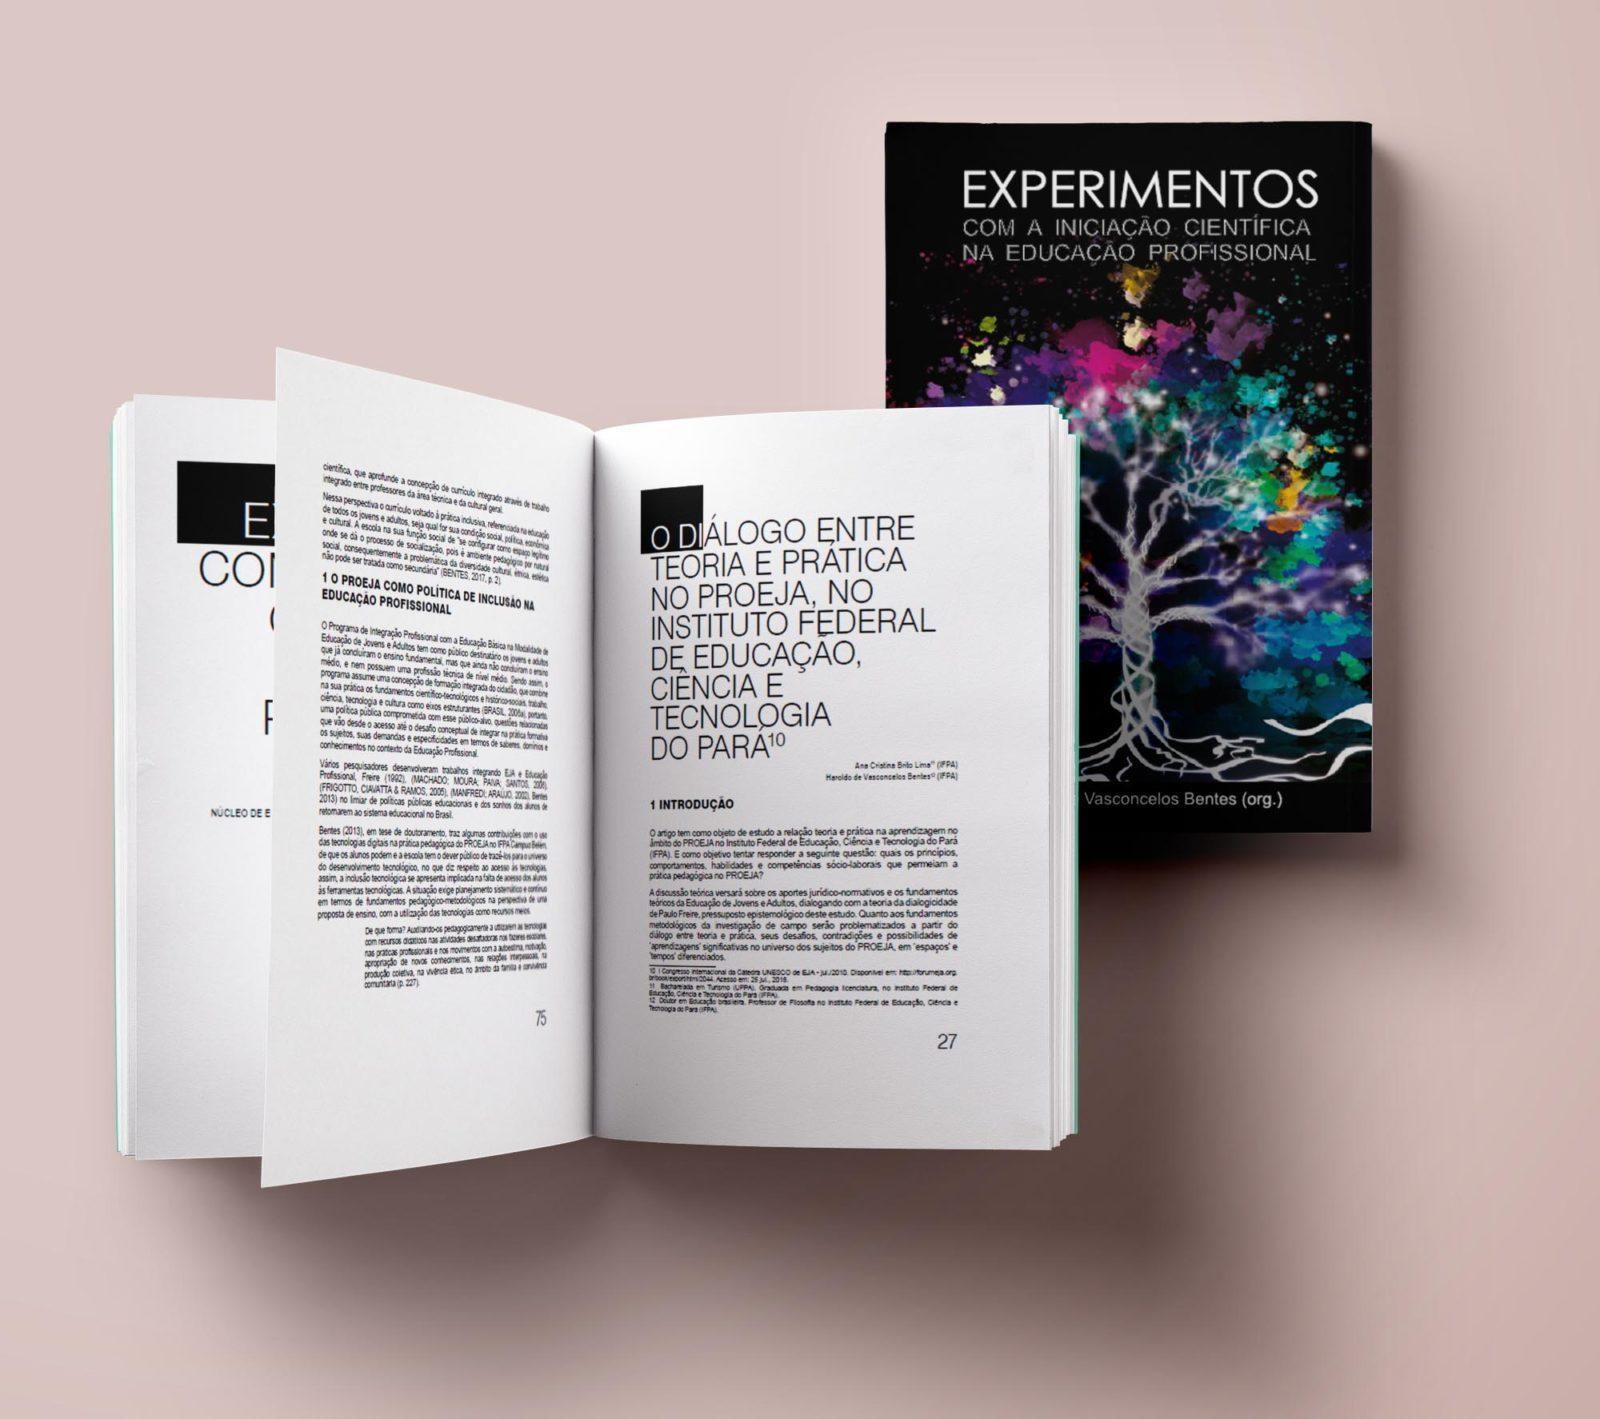 Livro Experimentos by Logotipe